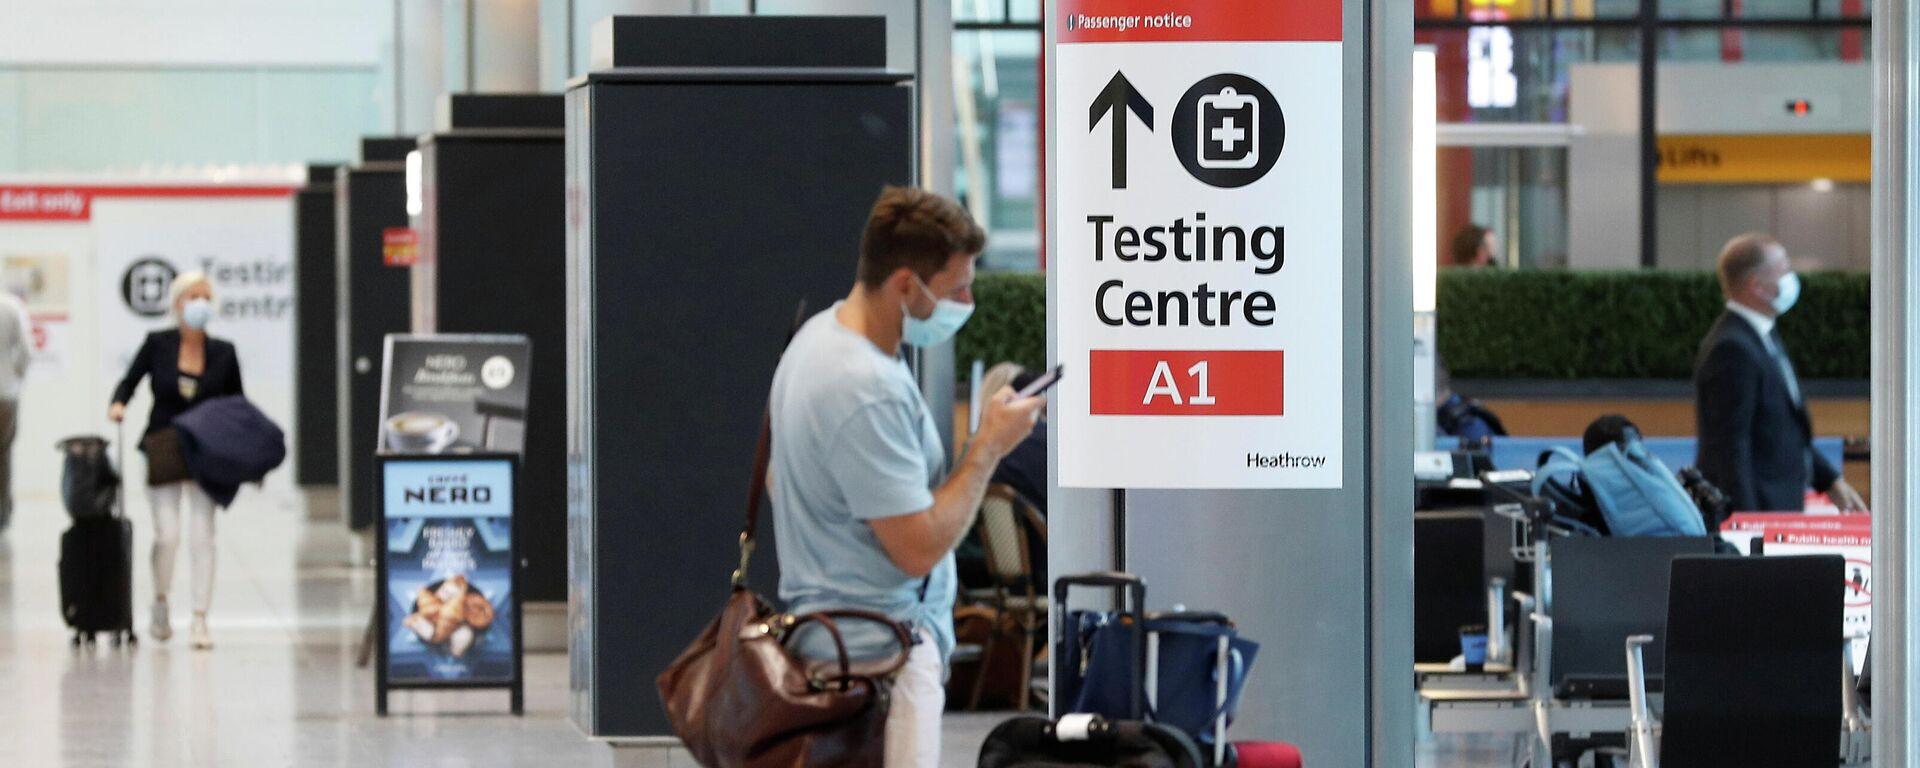 Пандемия коронавируса - ПЦР тестирование в аэропорту Лондона - Sputnik Грузия, 1920, 31.08.2021